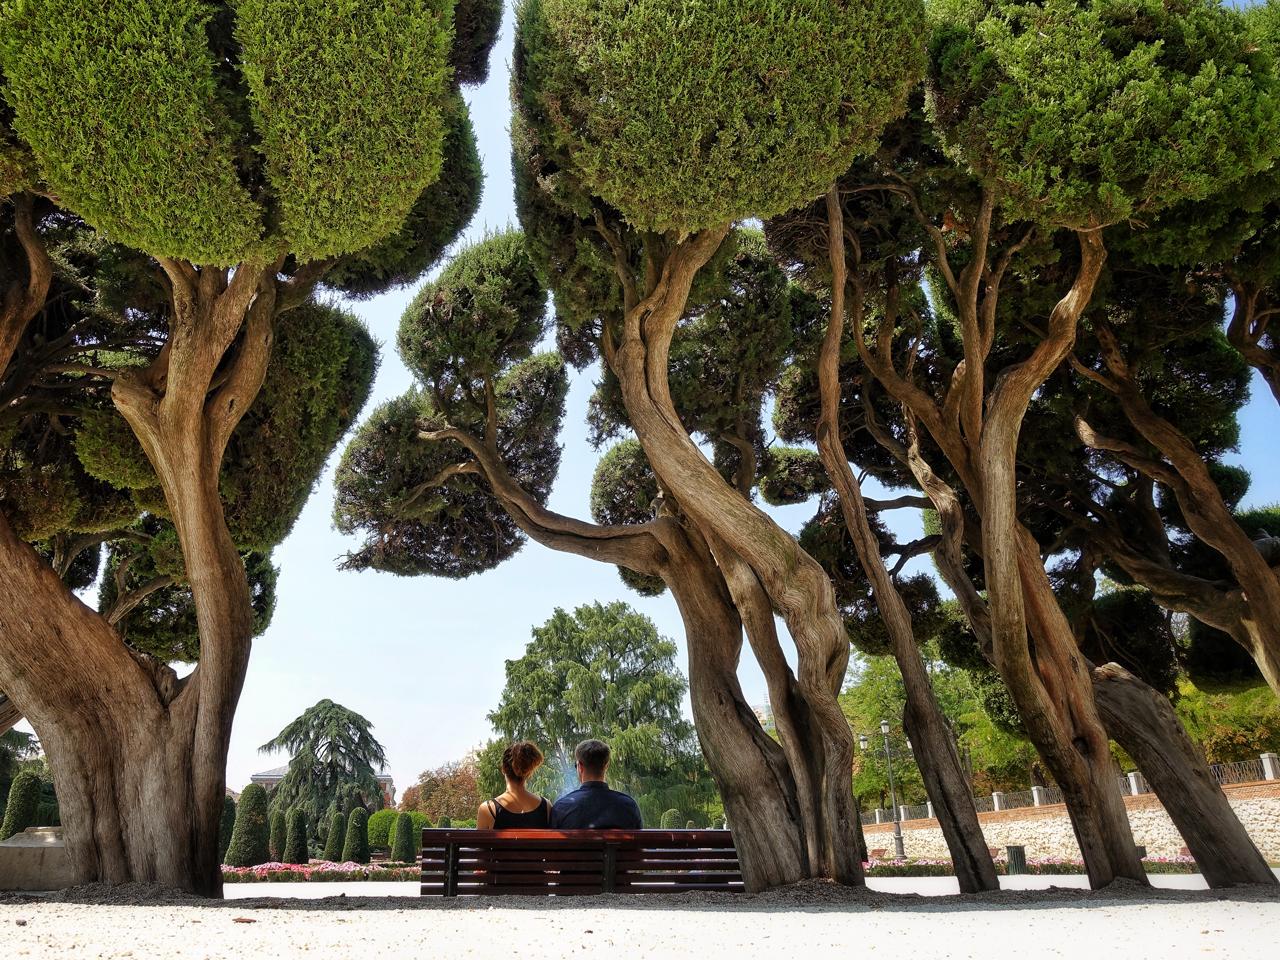 Retiro-Park-Madrid Spanien